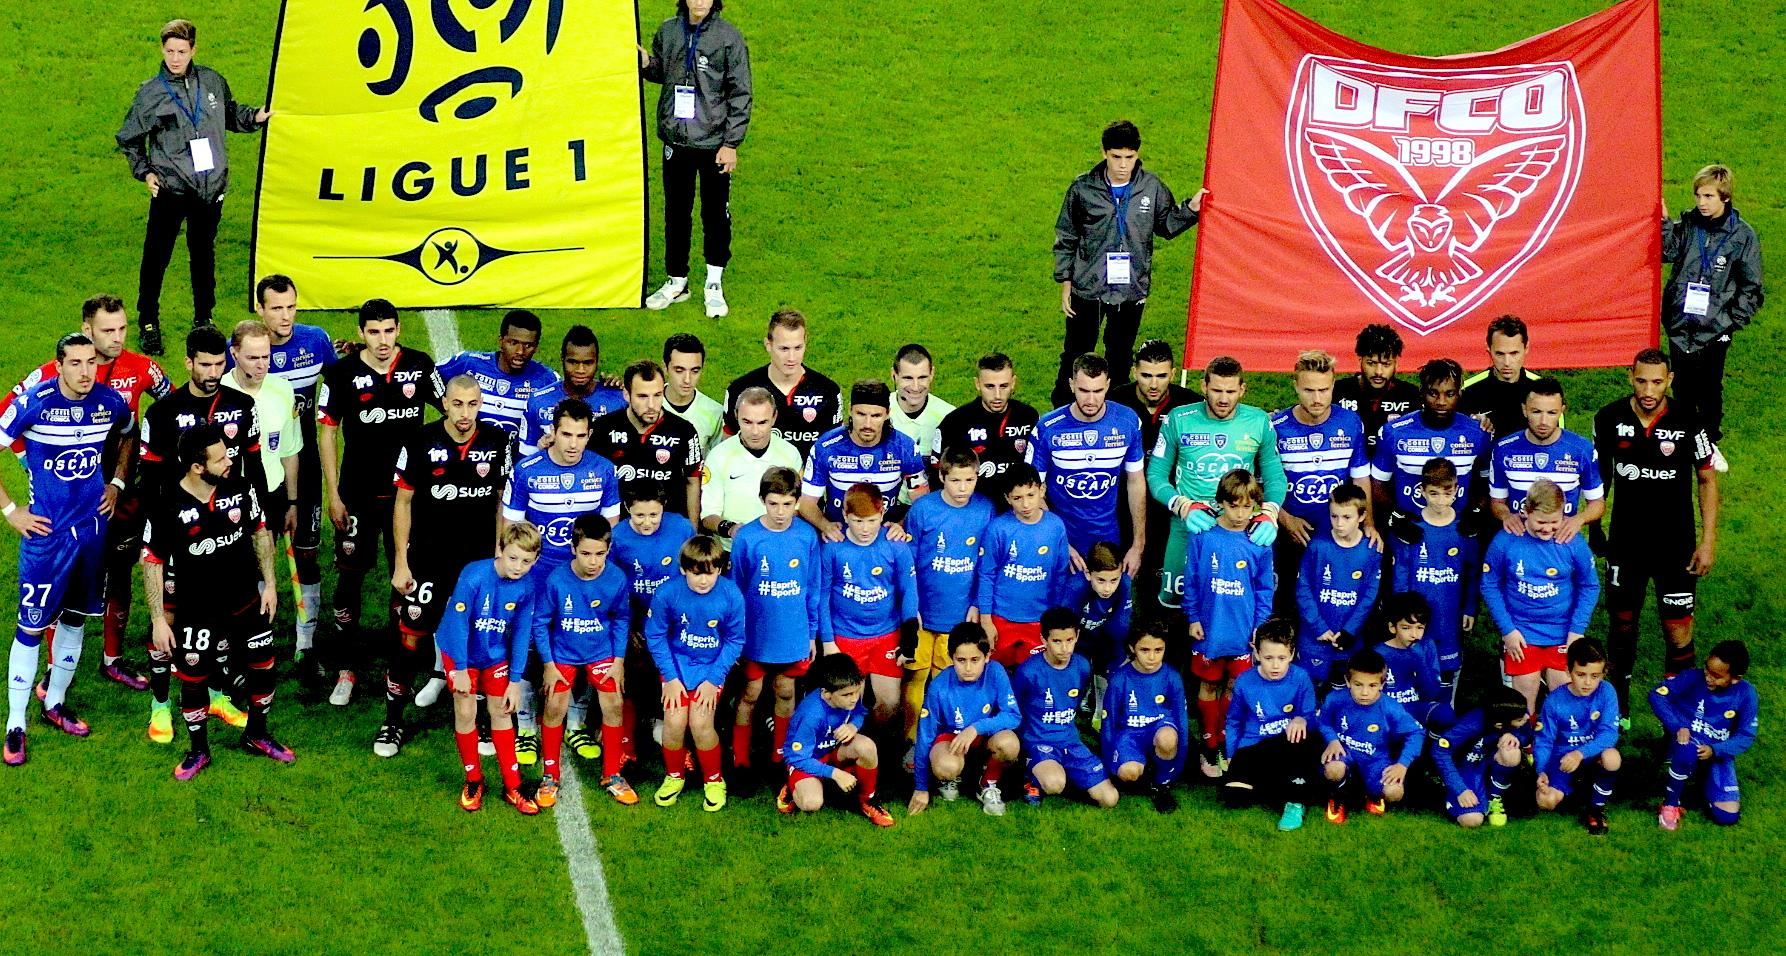 Sporting-Dijon : 0-0 Reynet à tout renvoyé